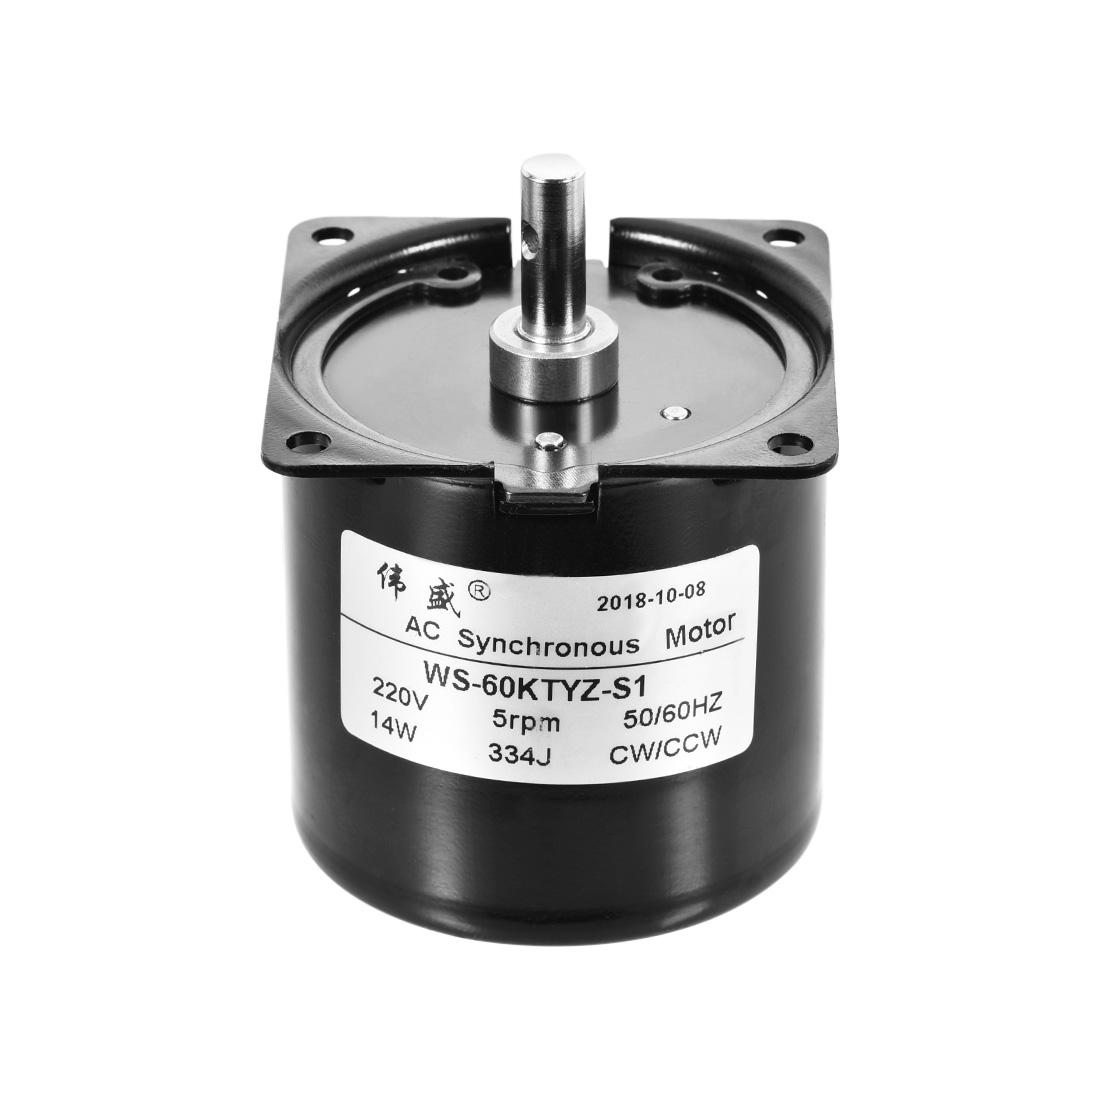 WS-60KTYZ-S1 AC Synchronous Gear Motor 220V 5RPM 14W CW/CCW